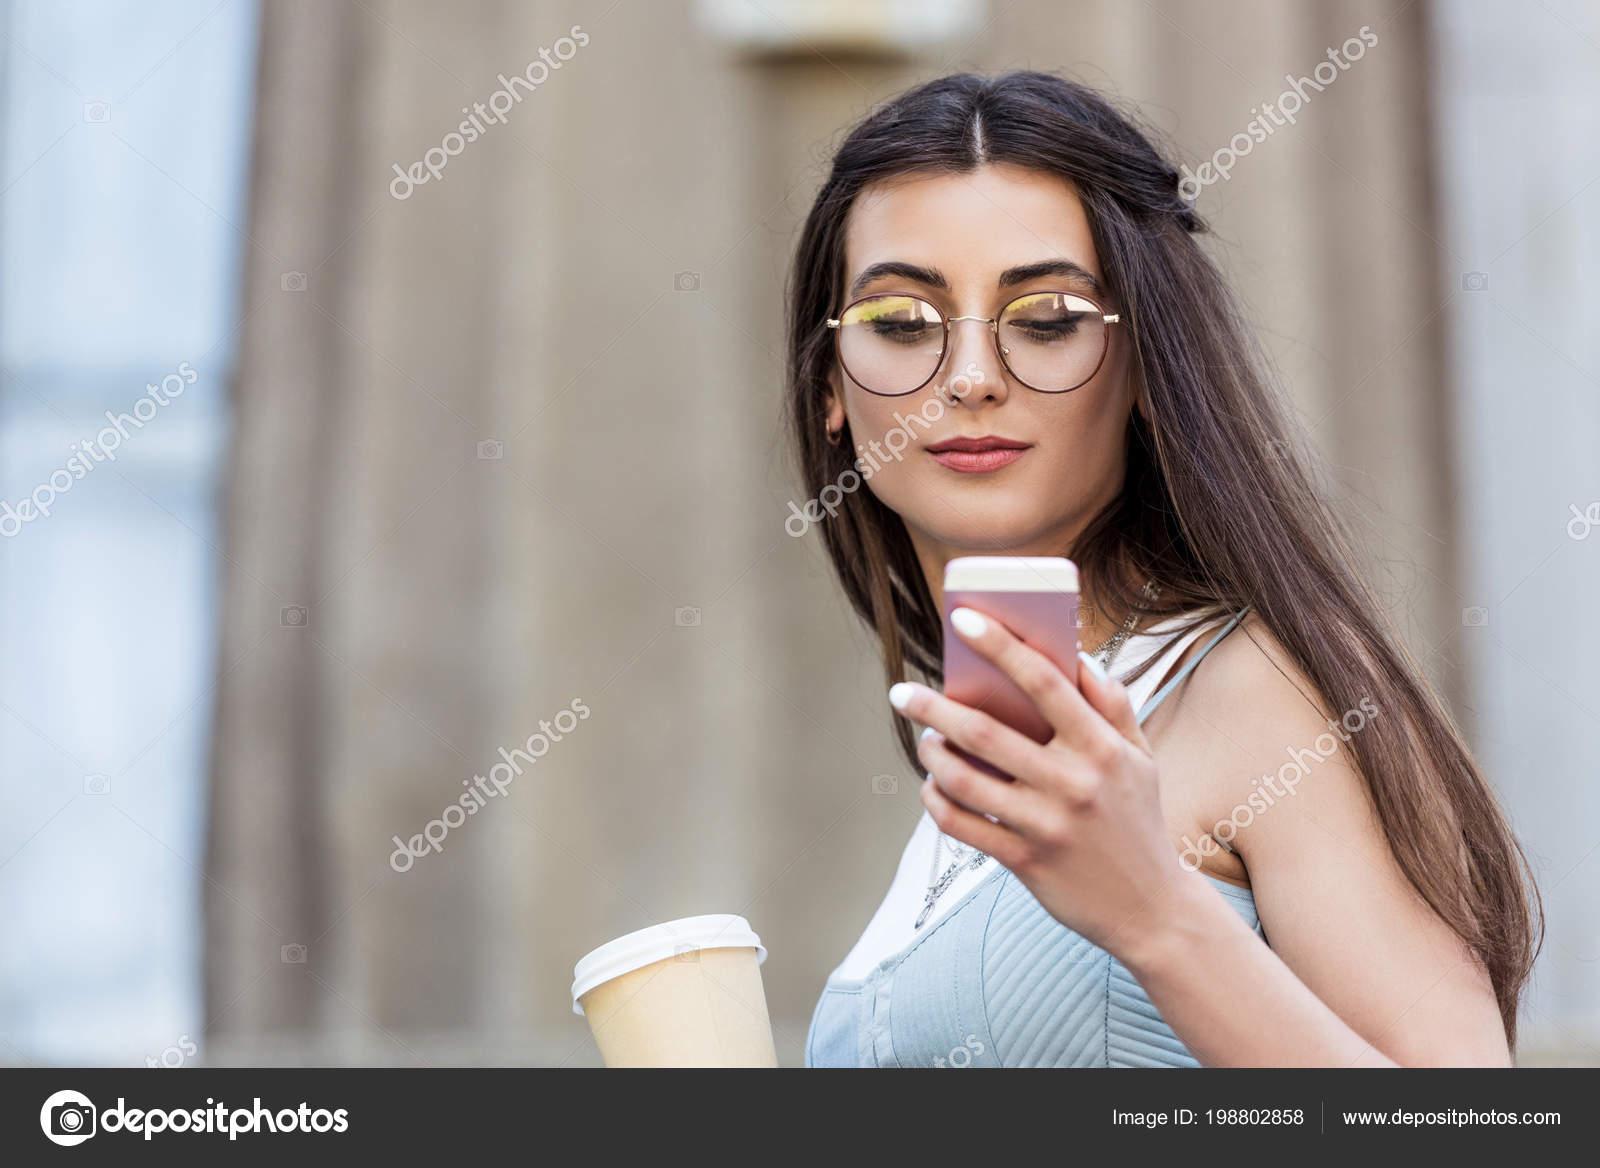 e59f289d8c Retrato Joven Mujer Lentes Con Café Para Utilizando Smartphone Calle — Foto  de Stock